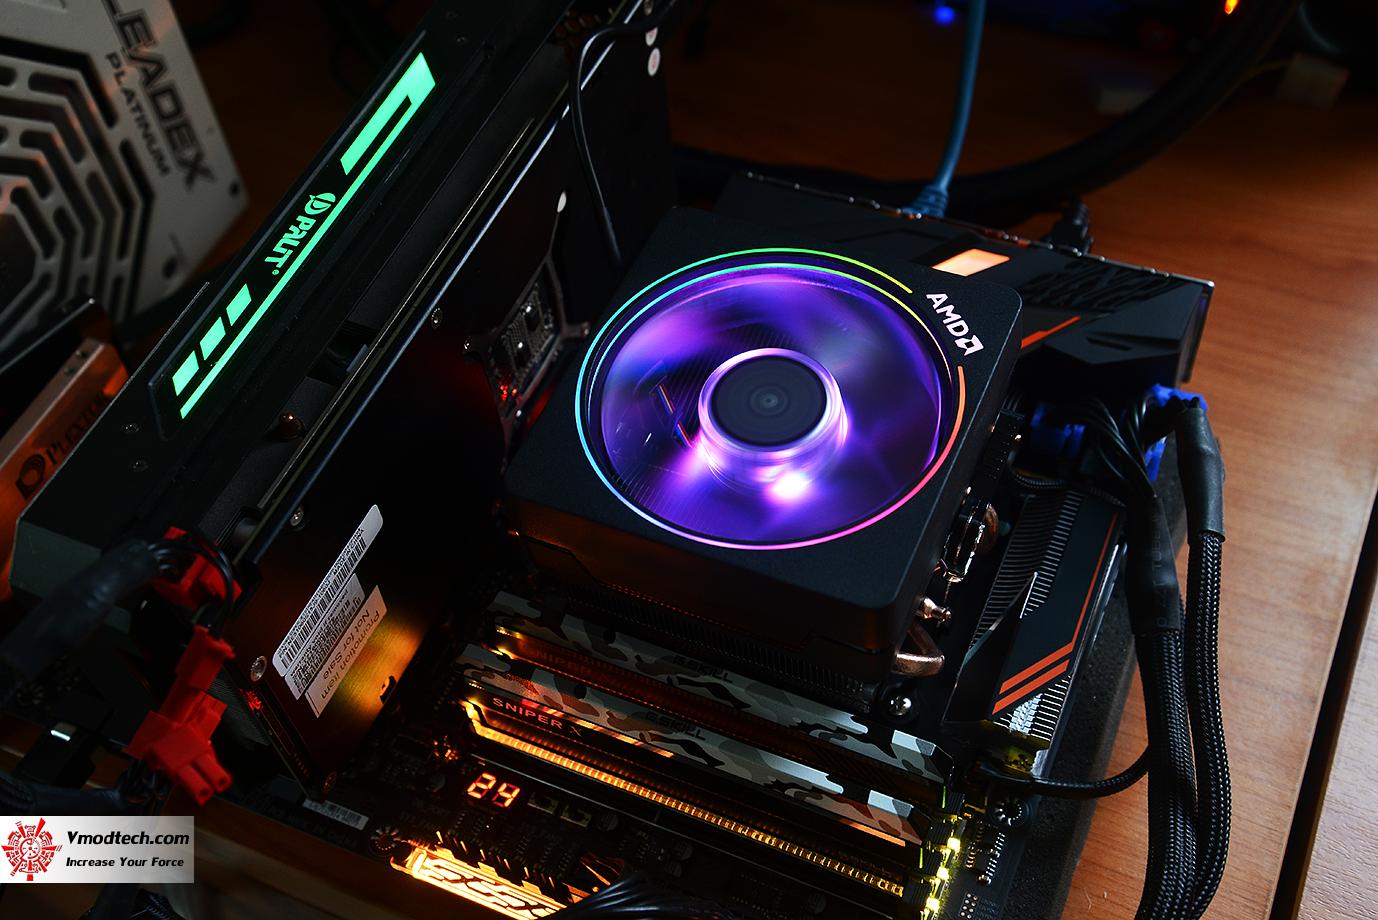 dsc 1621 AMD RYZEN 7 2700X PROCESSOR REVIEW